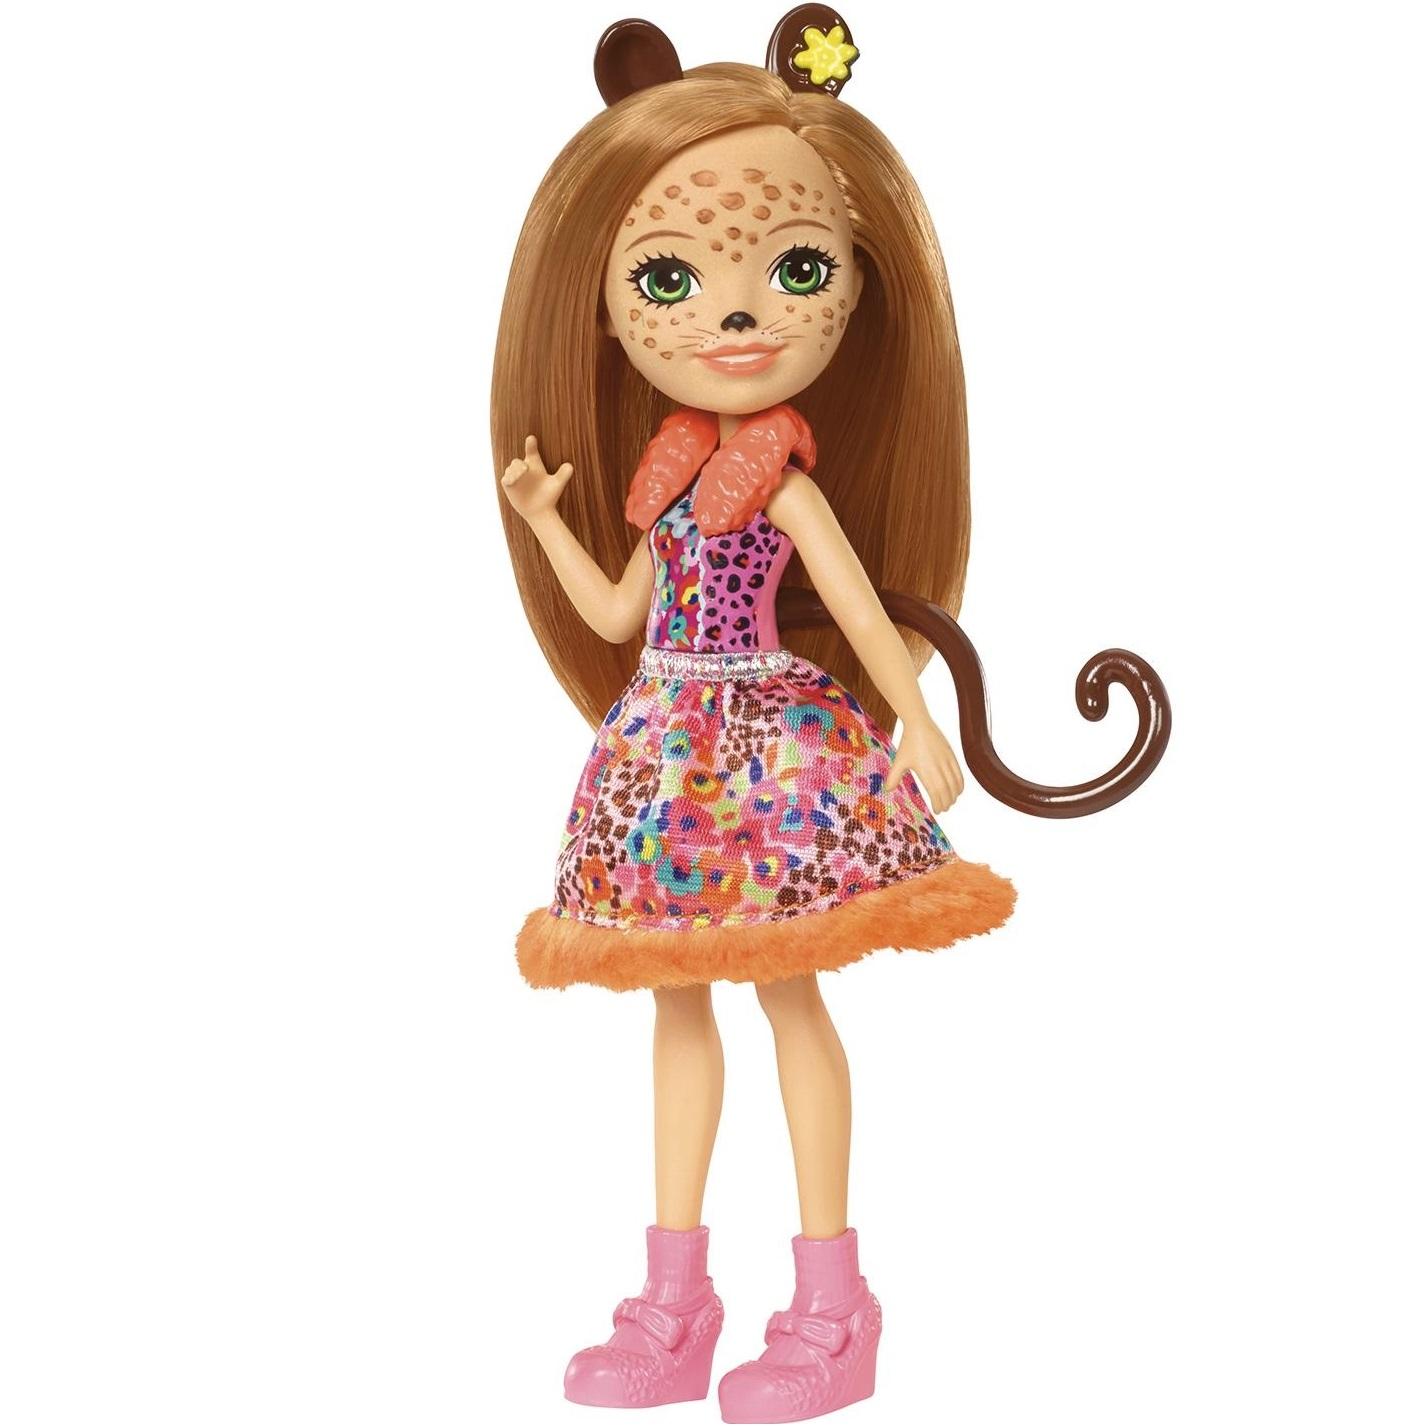 Игрушки и игры  продажа детских игрушек и игр для мальчиков и девочек, купить  детские игрушки и игры в интернет магазине Детский Мир f9527a029f4